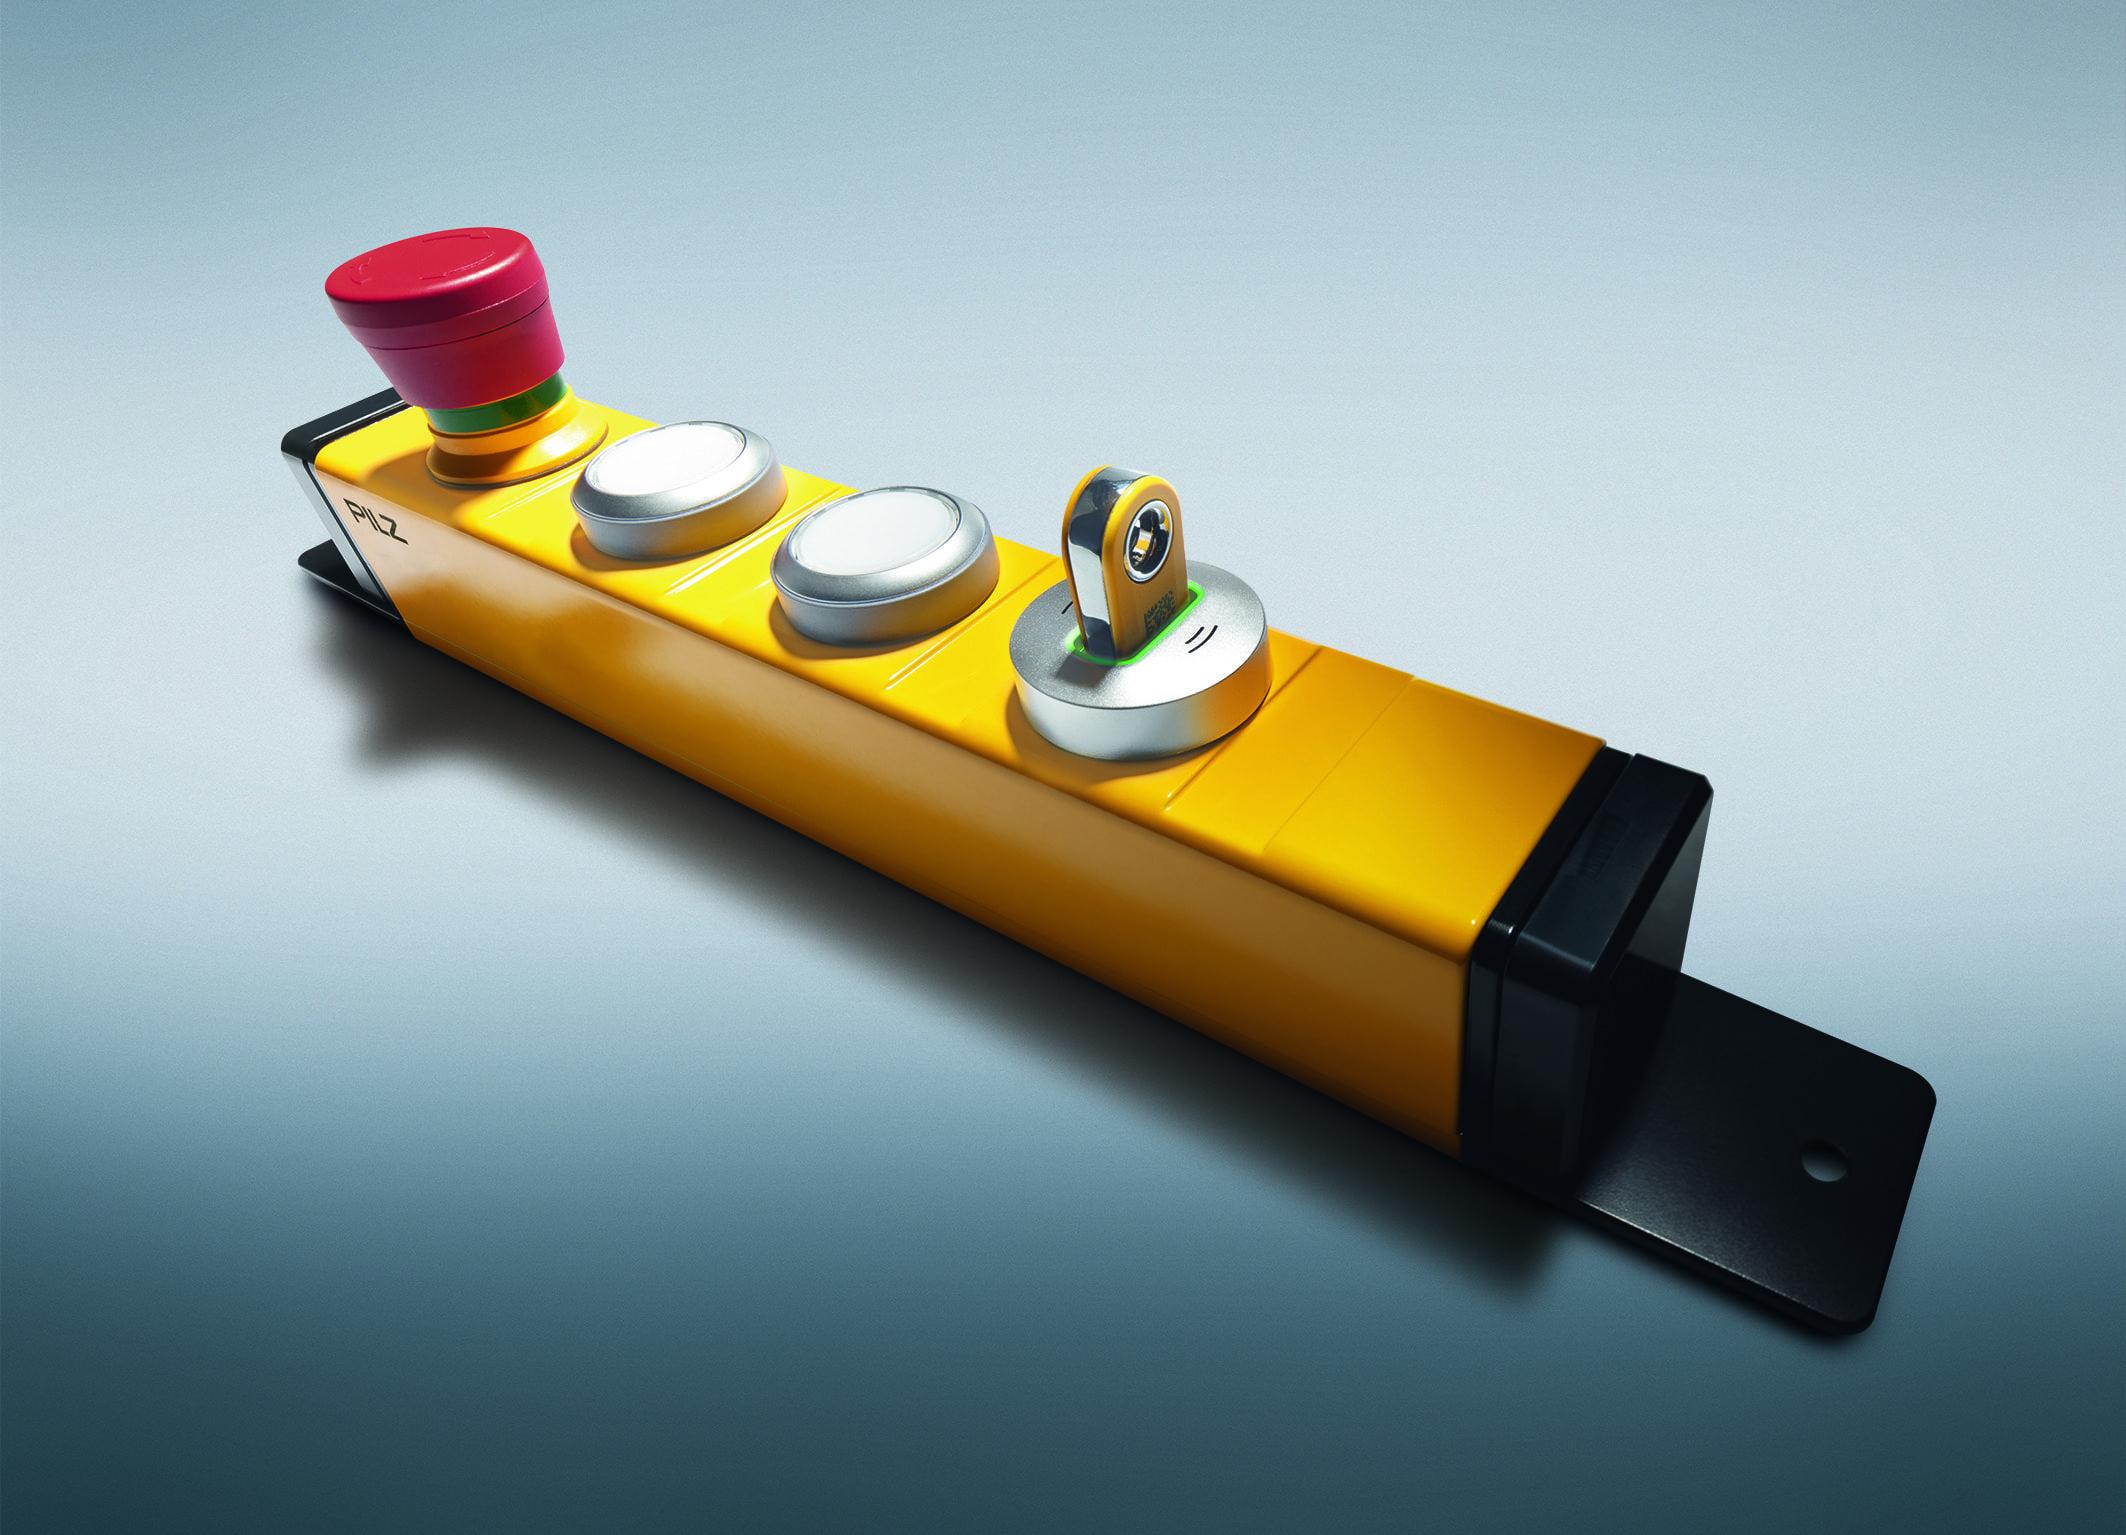 ピルツの新型制御ユニット『PITgatebox』 安全でセキュアな操作を実現